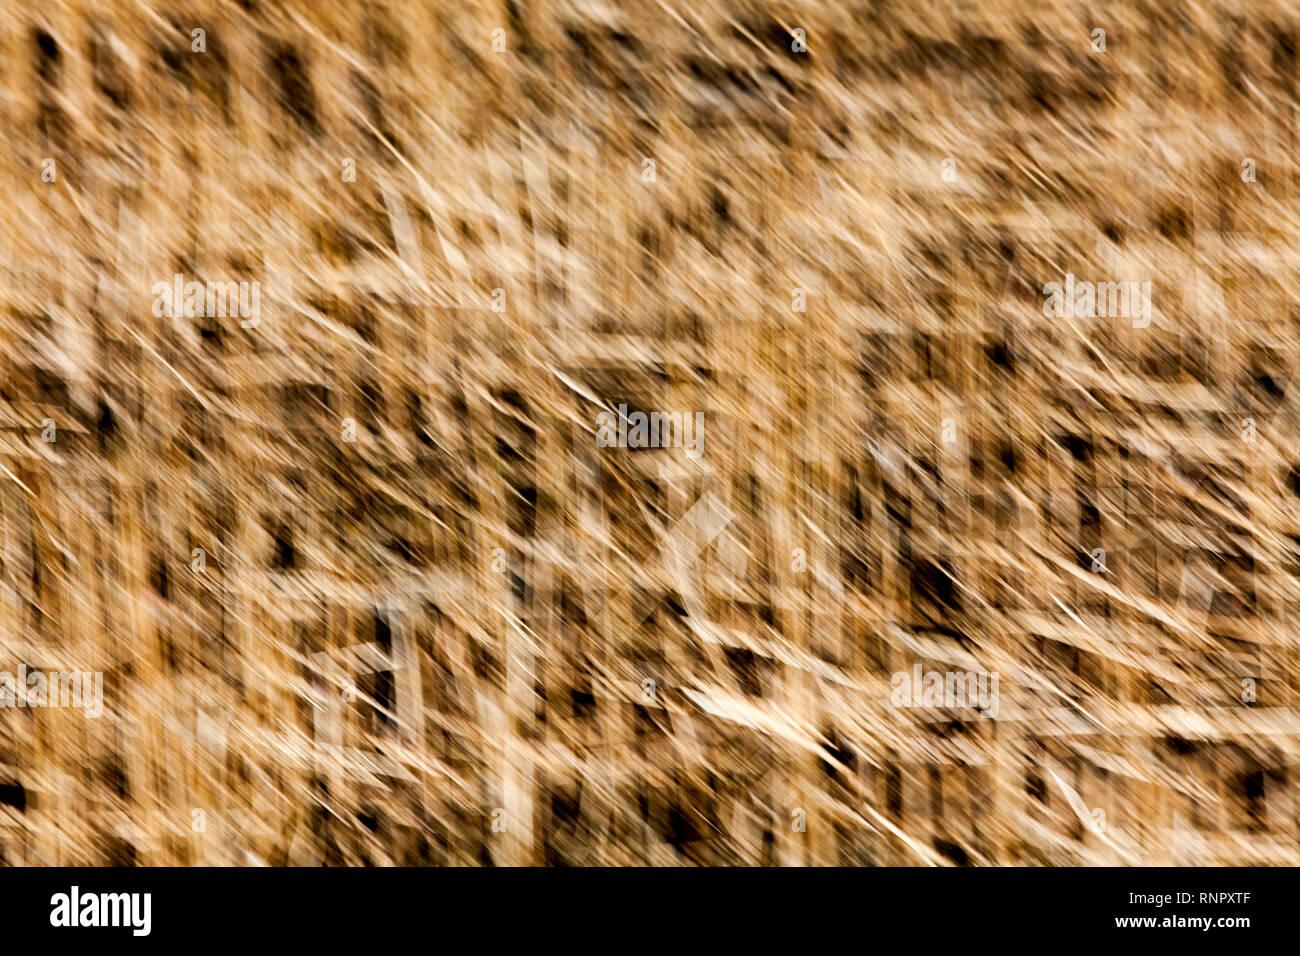 Strukturen in trockenes Gras, Nahaufnahme, mit einer unscharfen Wirkung wischen Stockbild